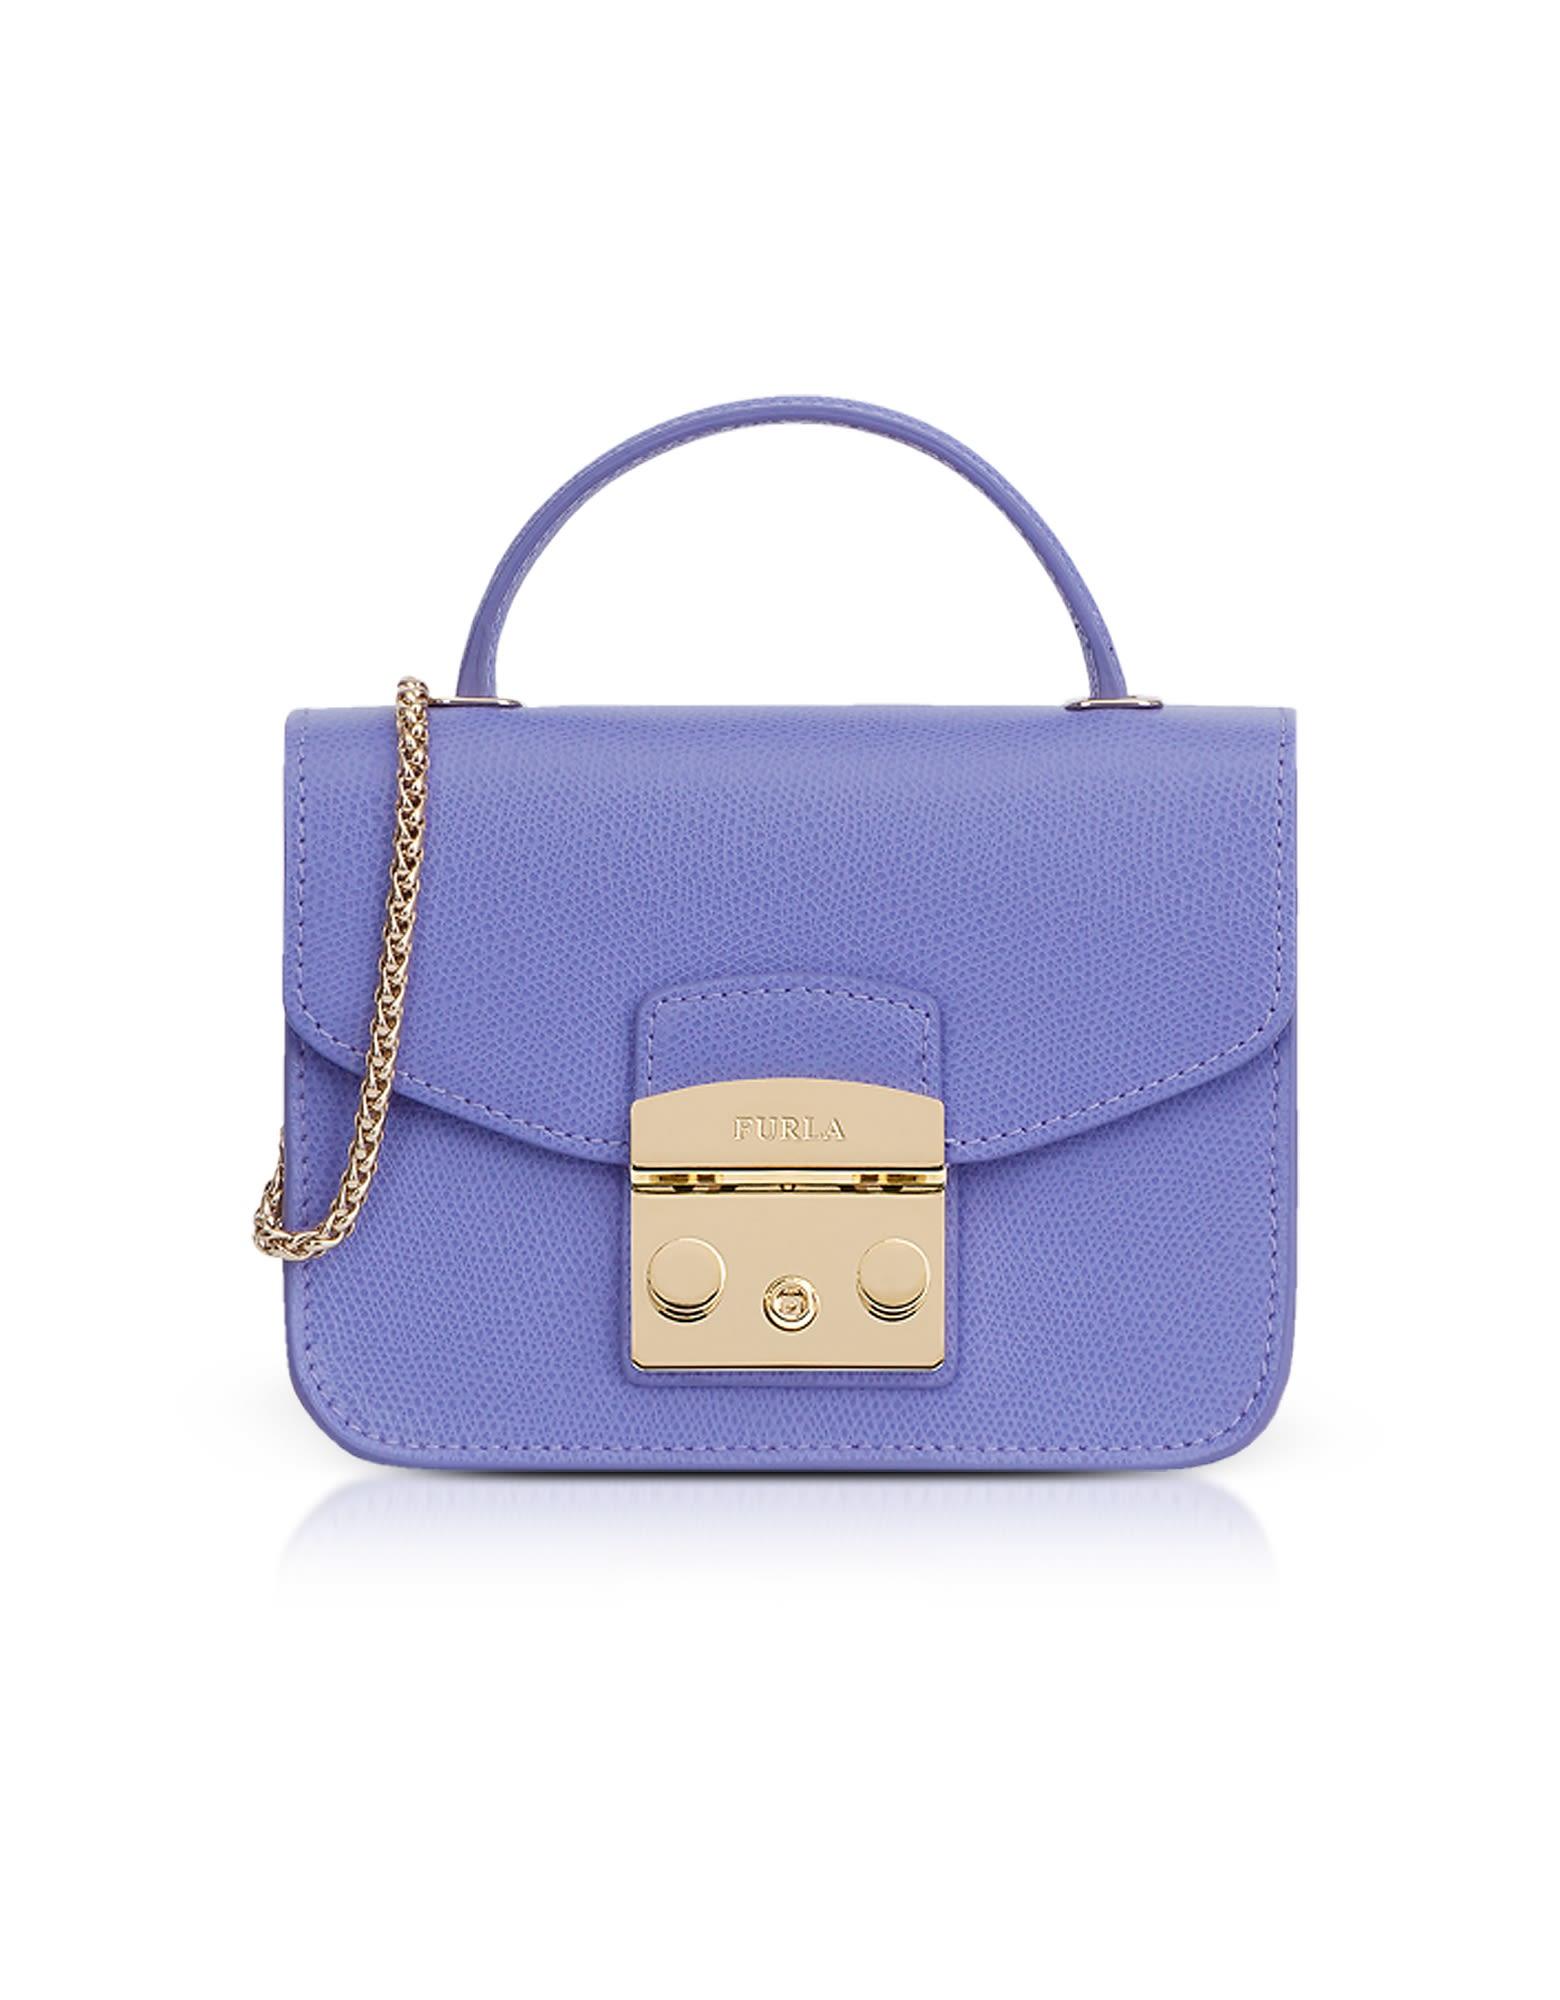 Metropolis Mini Top Handle Crossbody Bag in Lavender